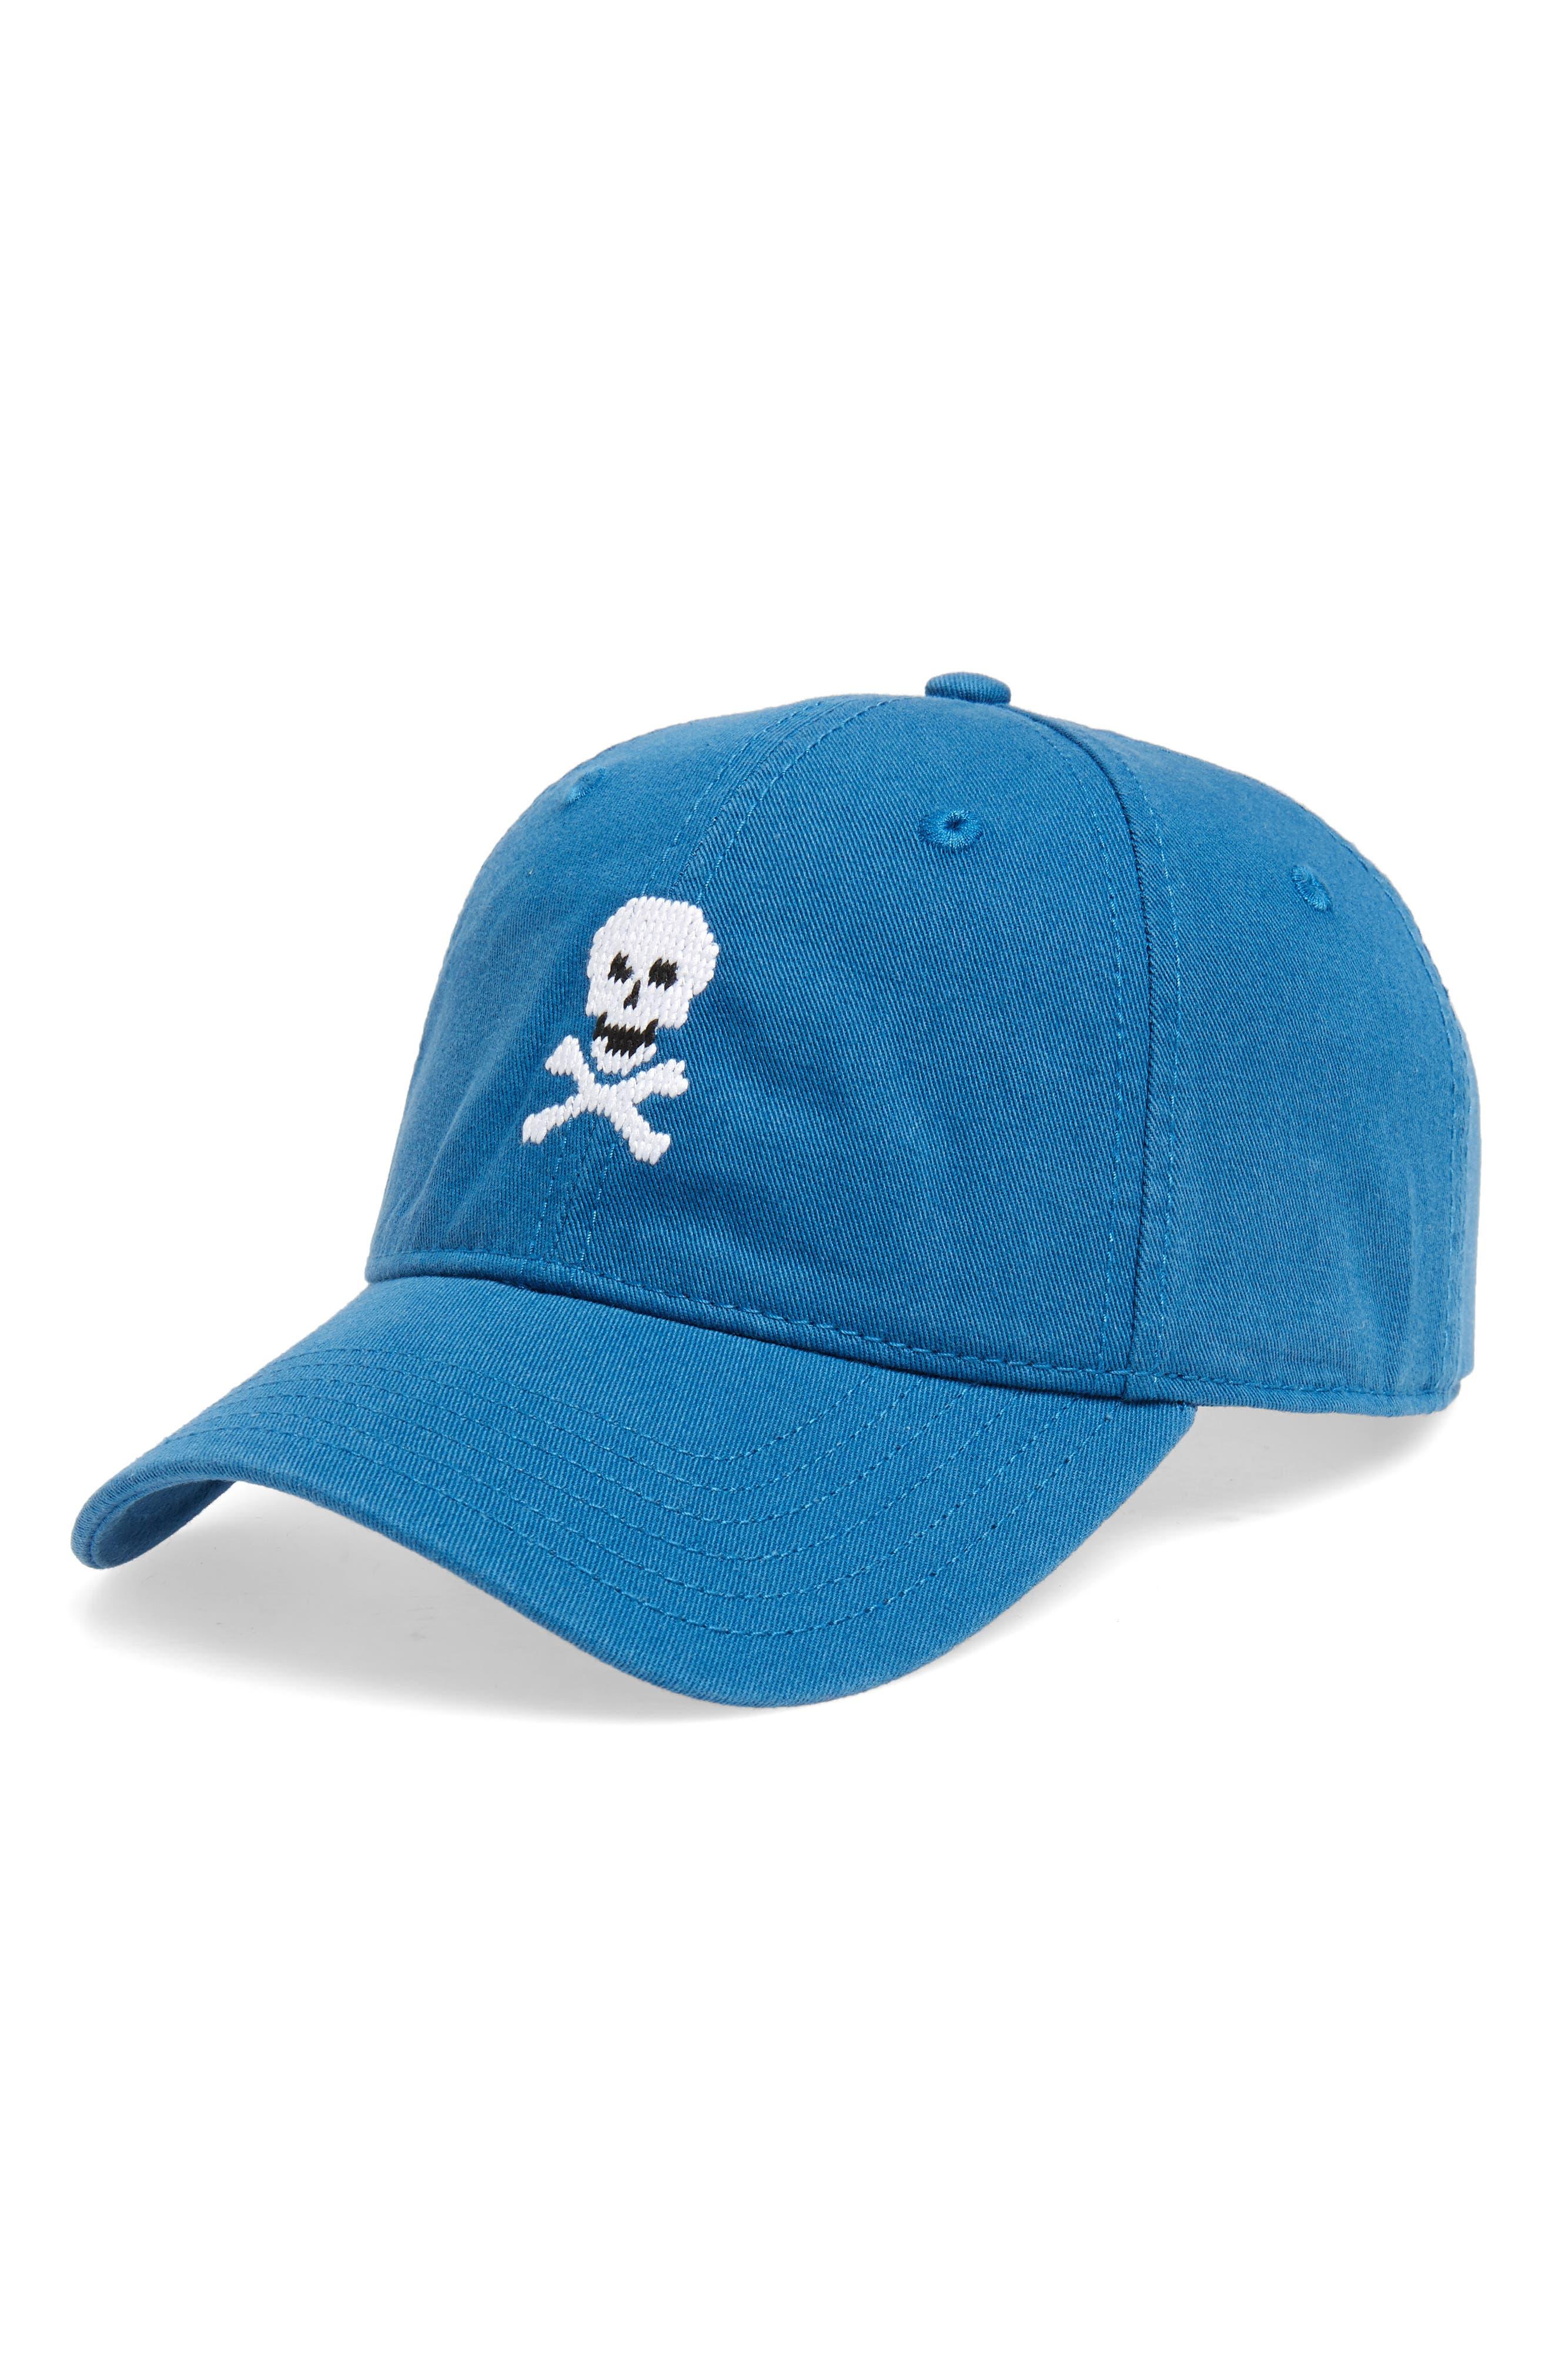 Skull & Bones Baseball Cap,                             Main thumbnail 1, color,                             400